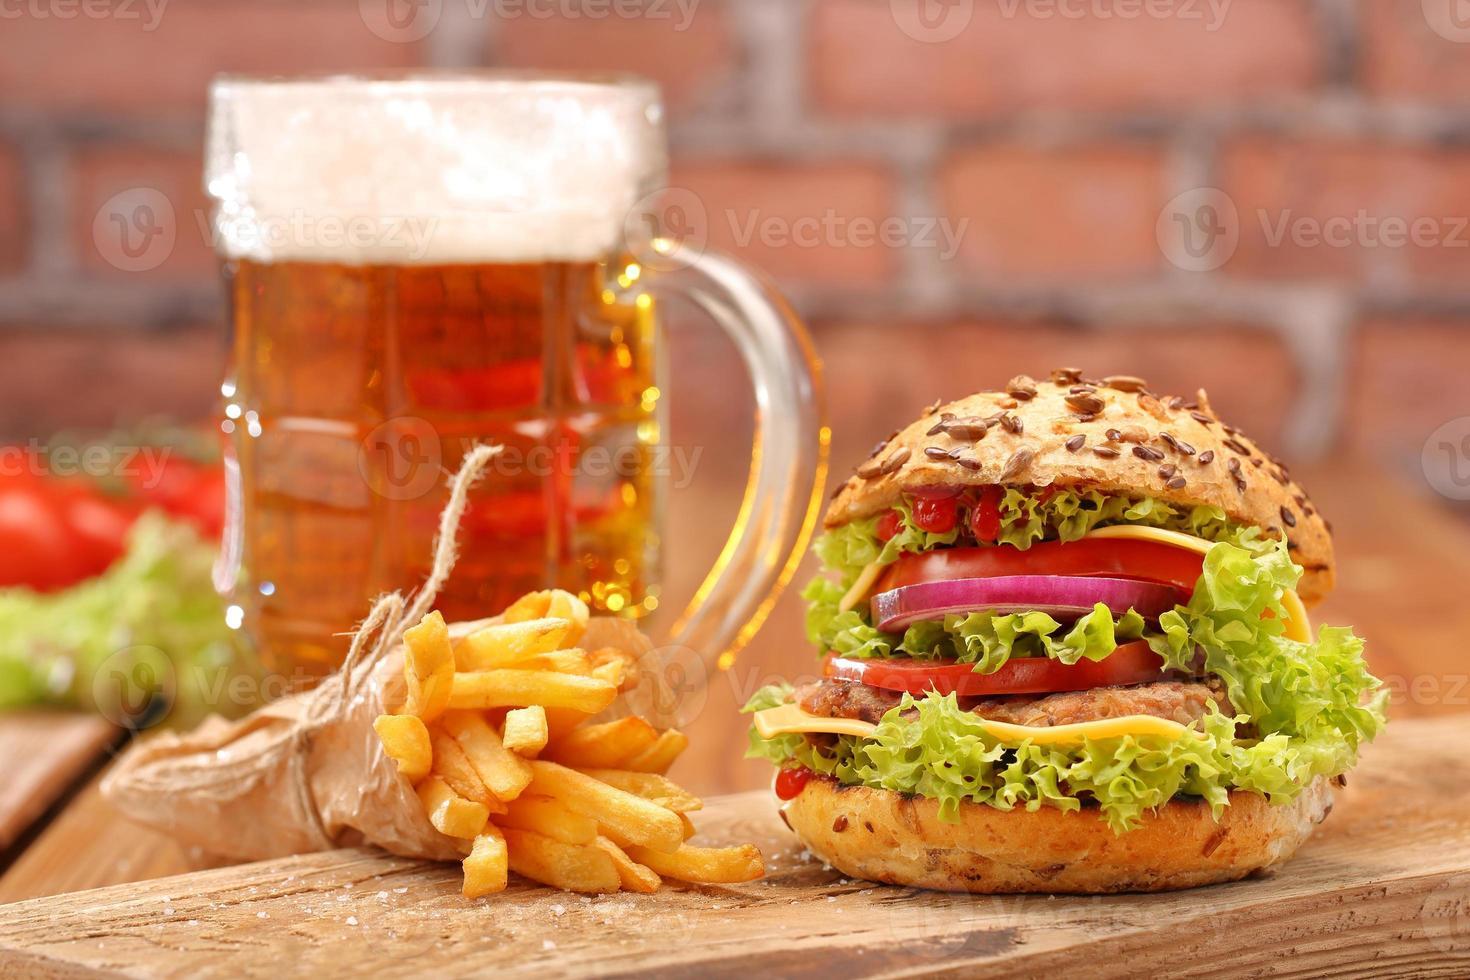 Hamburguesa a la parrilla con papas fritas y cerveza sobre fondo de pared de ladrillo foto